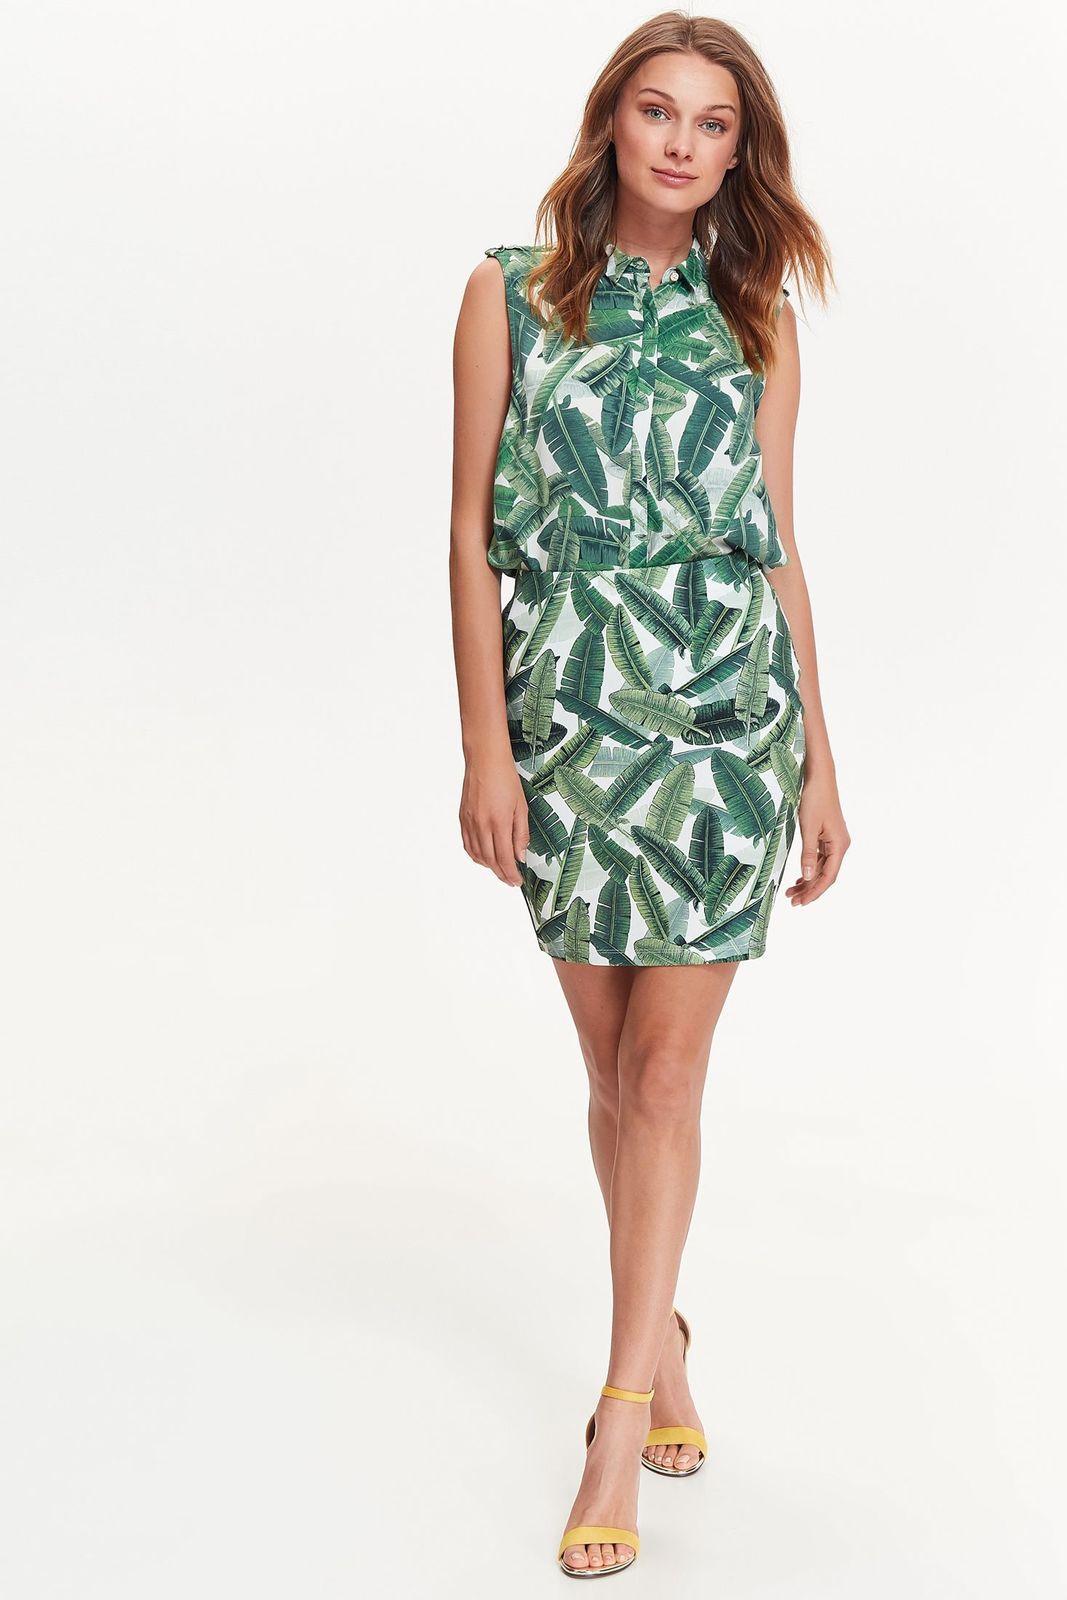 Fusta Top Secret verde casual cu un croi mulat din material usor elastic cu talie medie